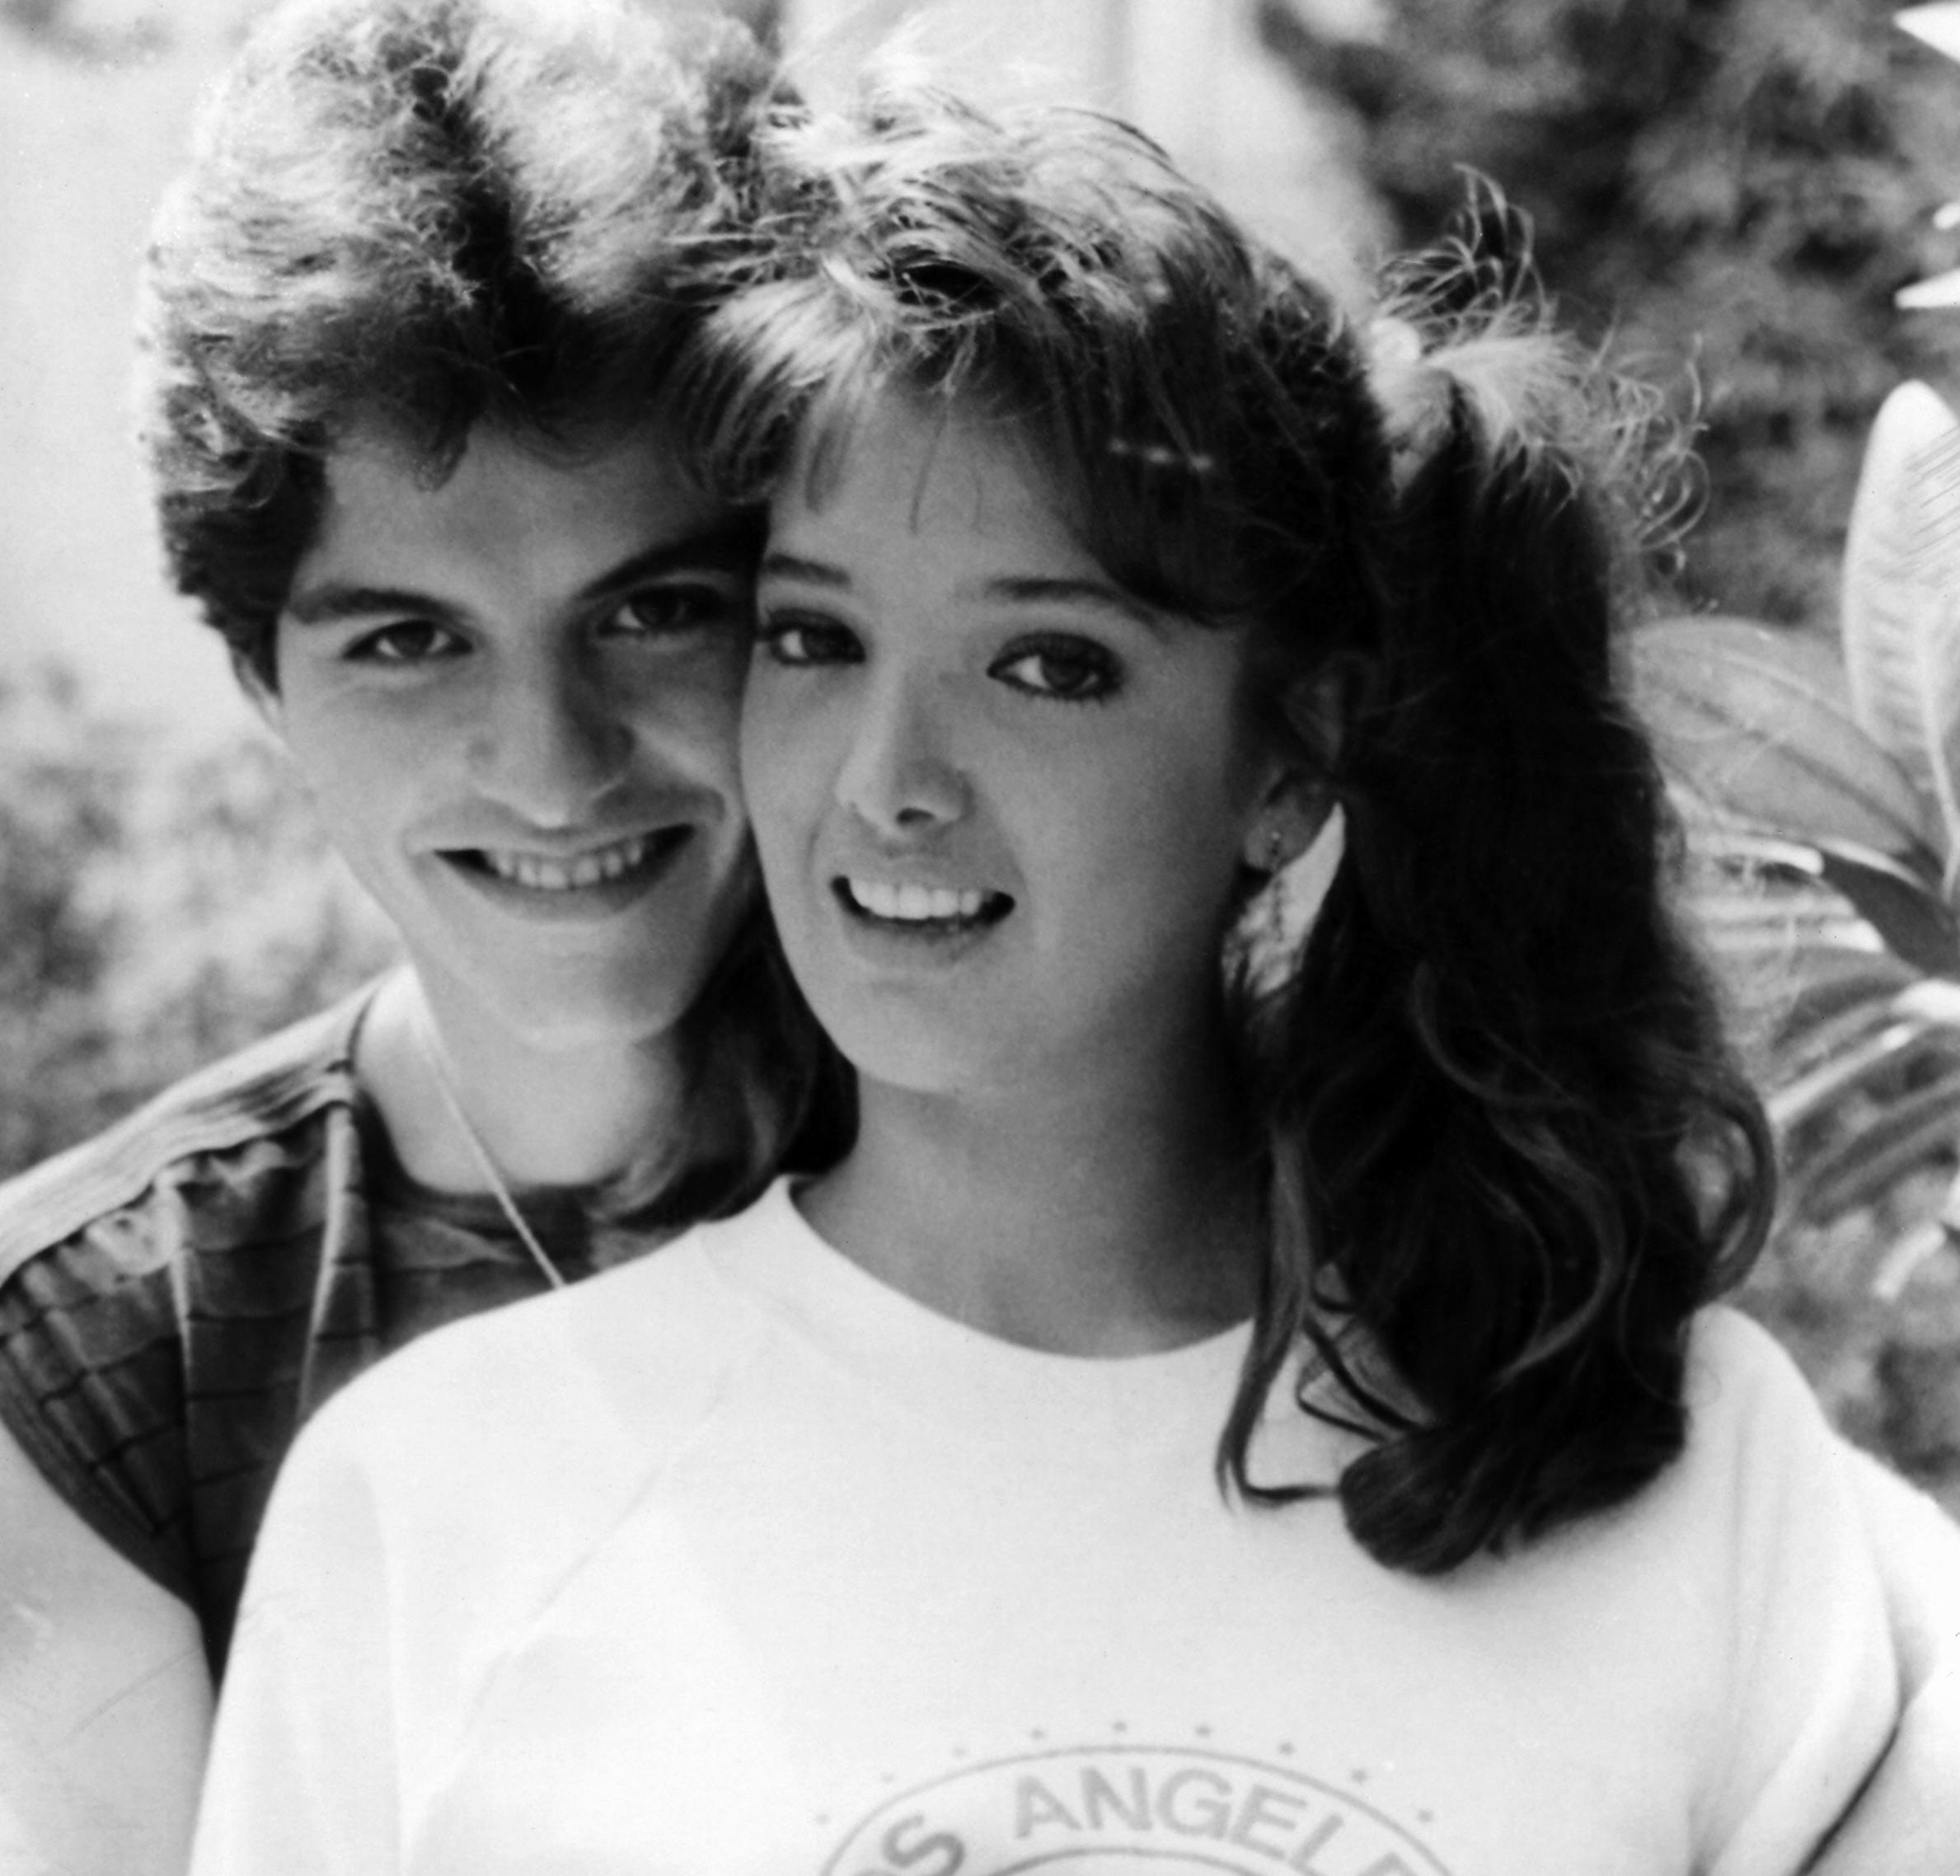 """Seguro se acuerda de esta: """"Quinceañera"""" con el bueno Ernesto Laguardia (Pancho) en 1987."""